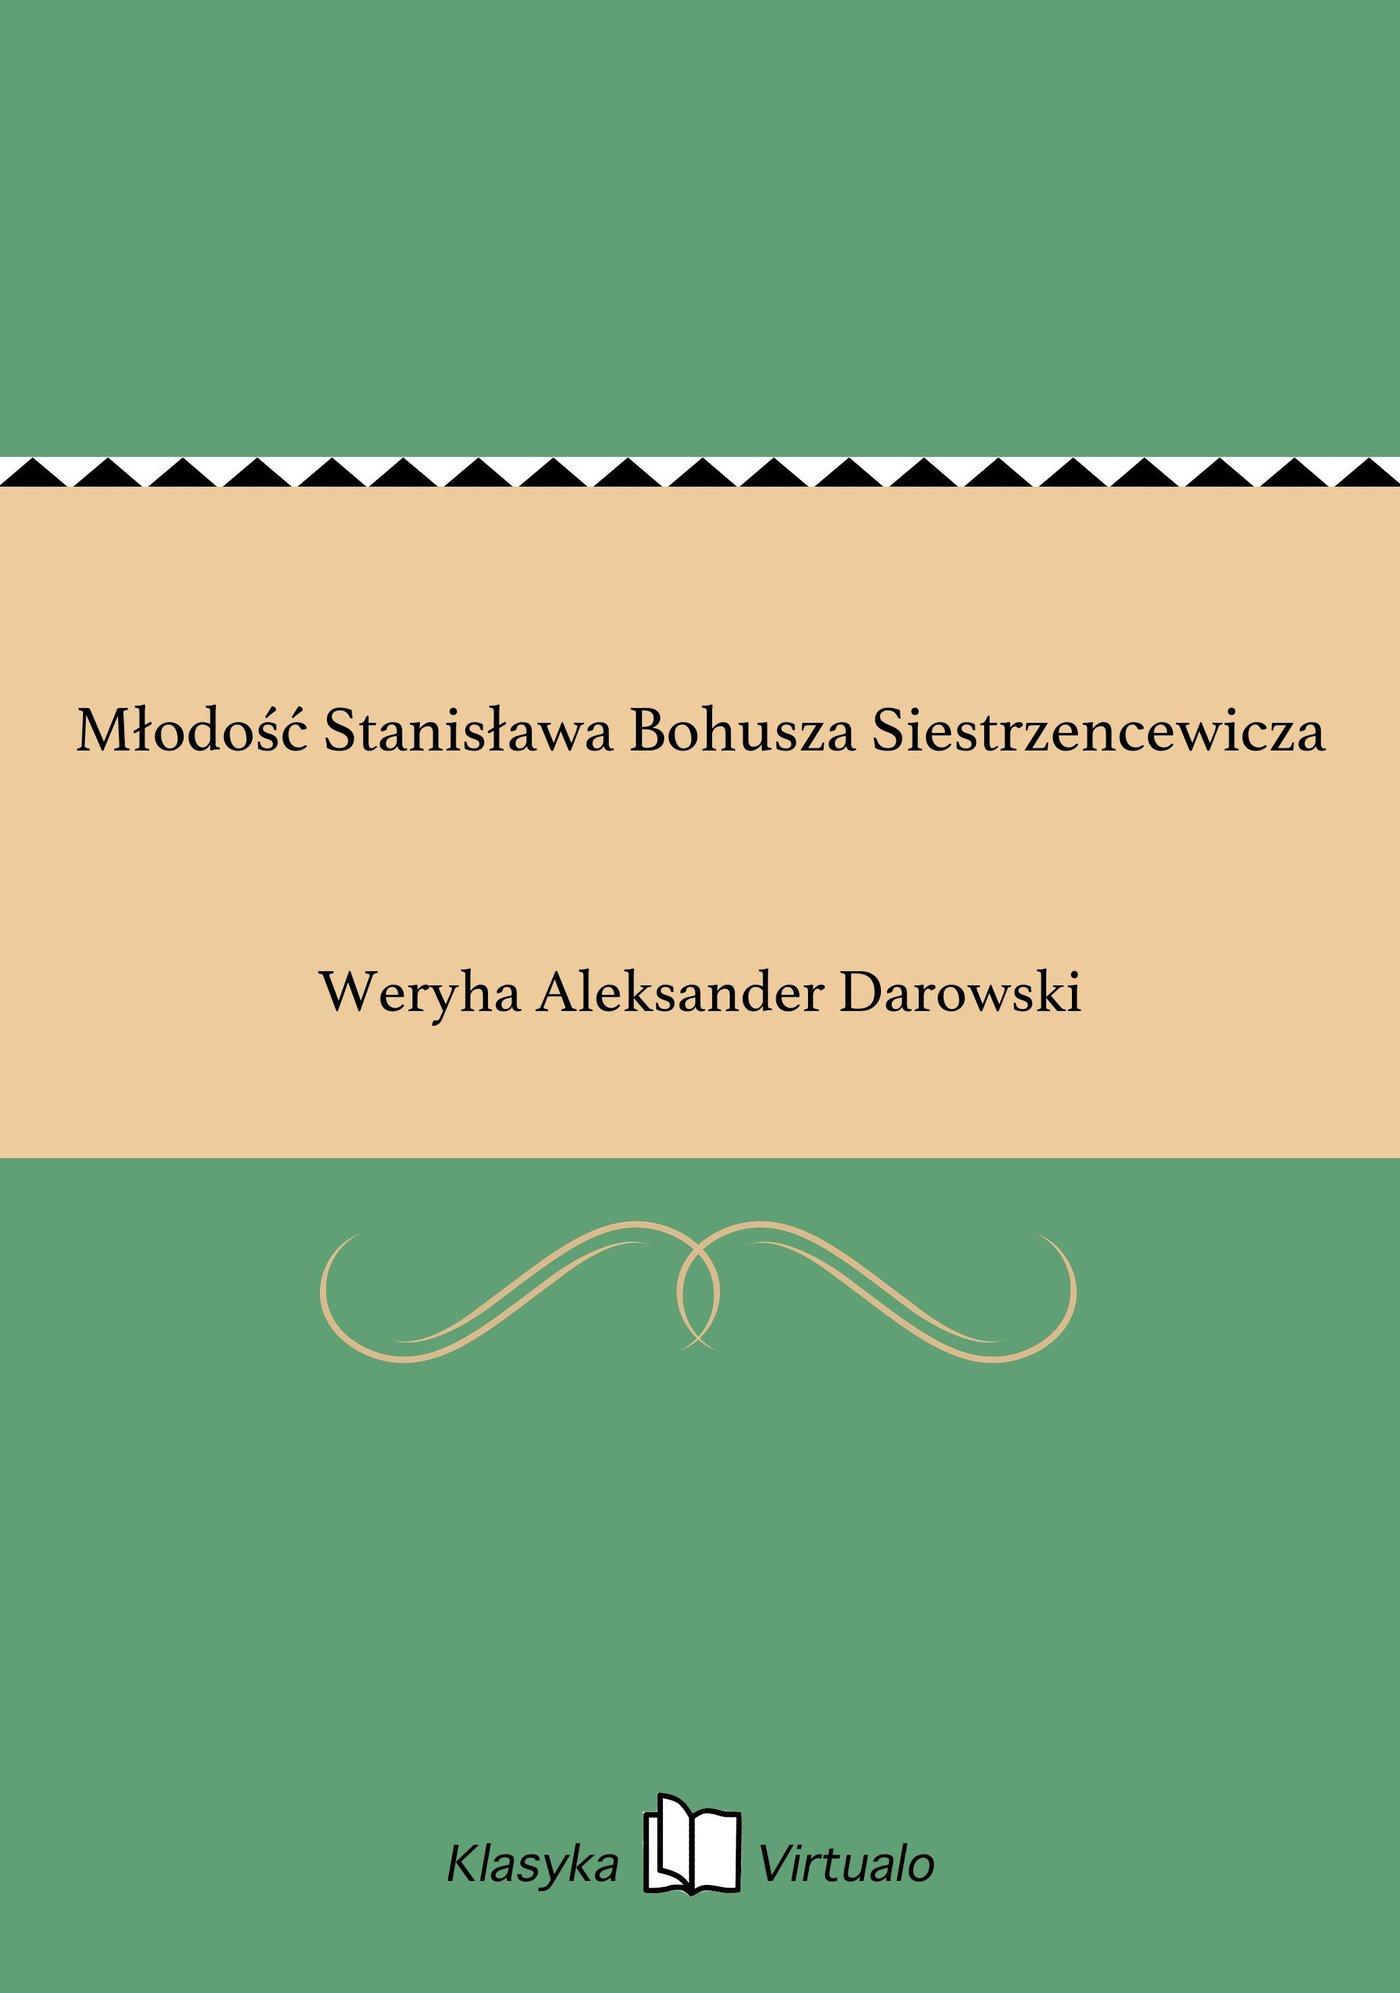 Młodość Stanisława Bohusza Siestrzencewicza - Ebook (Książka na Kindle) do pobrania w formacie MOBI